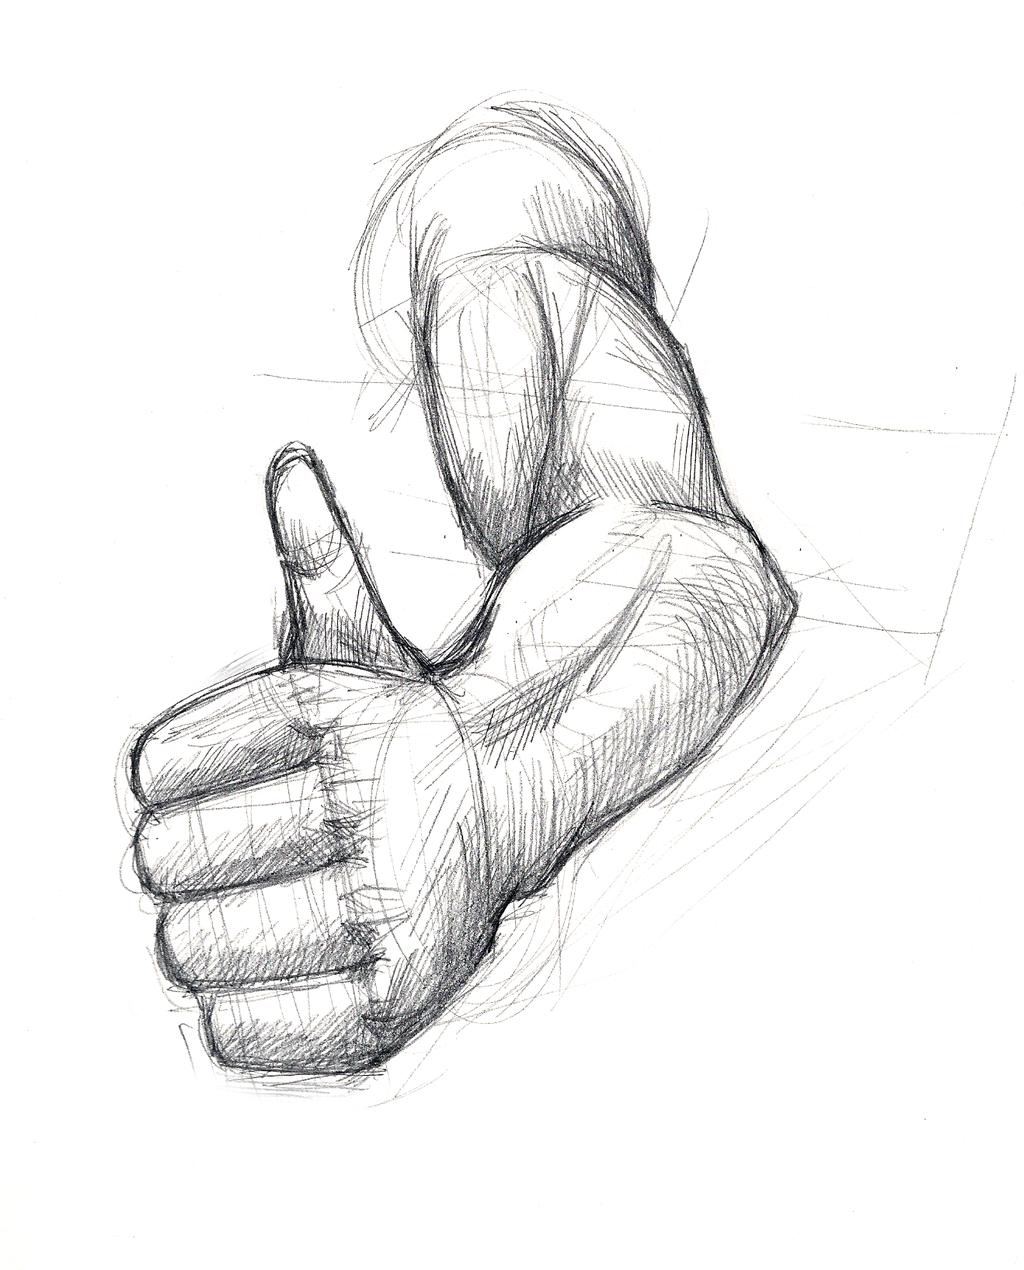 1024x1270 Arm Study 3 By Radroan